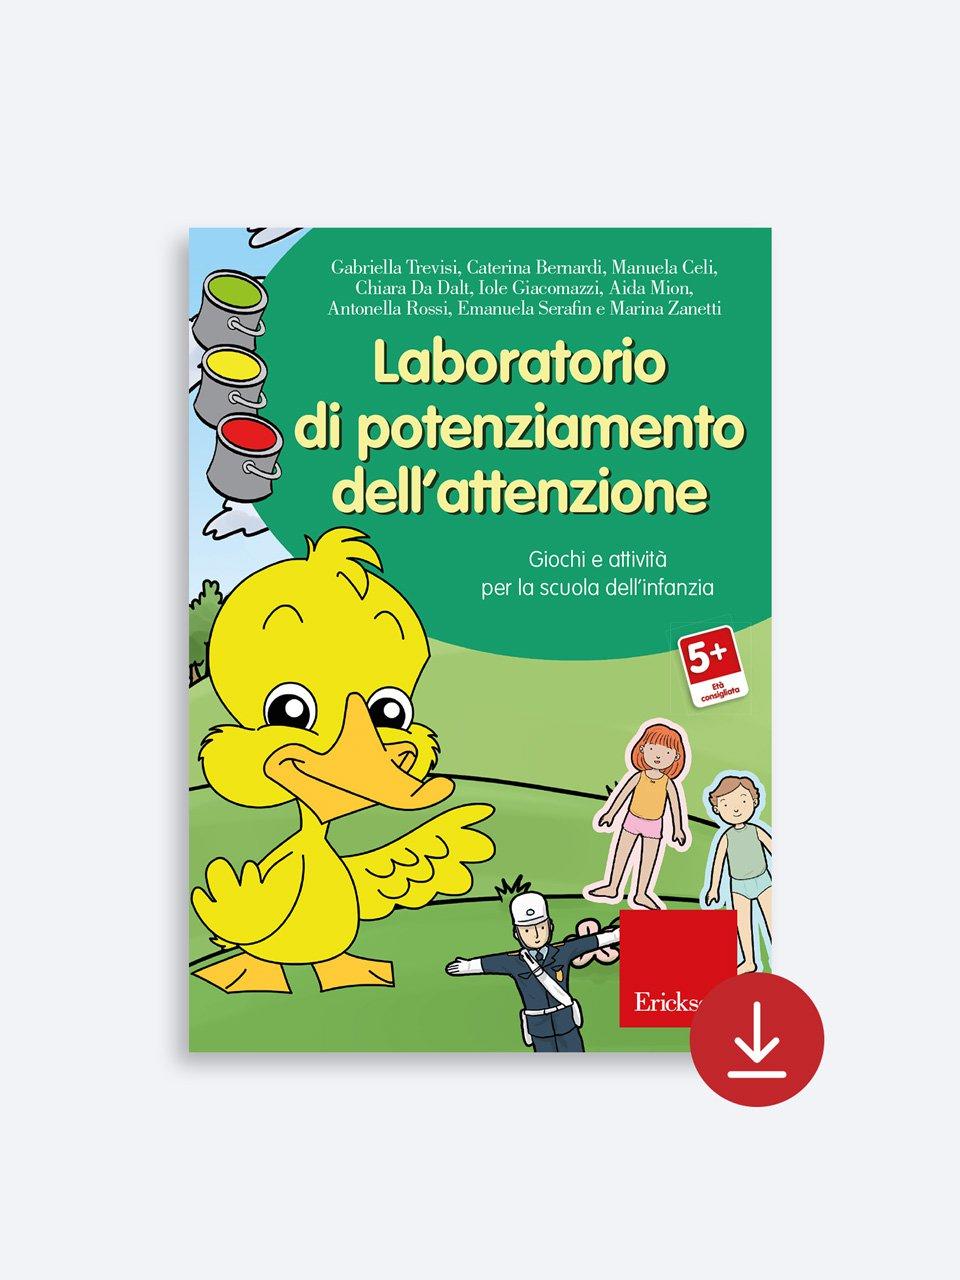 Laboratorio di potenziamento dell'attenzione - Libri - App e software - Erickson 6